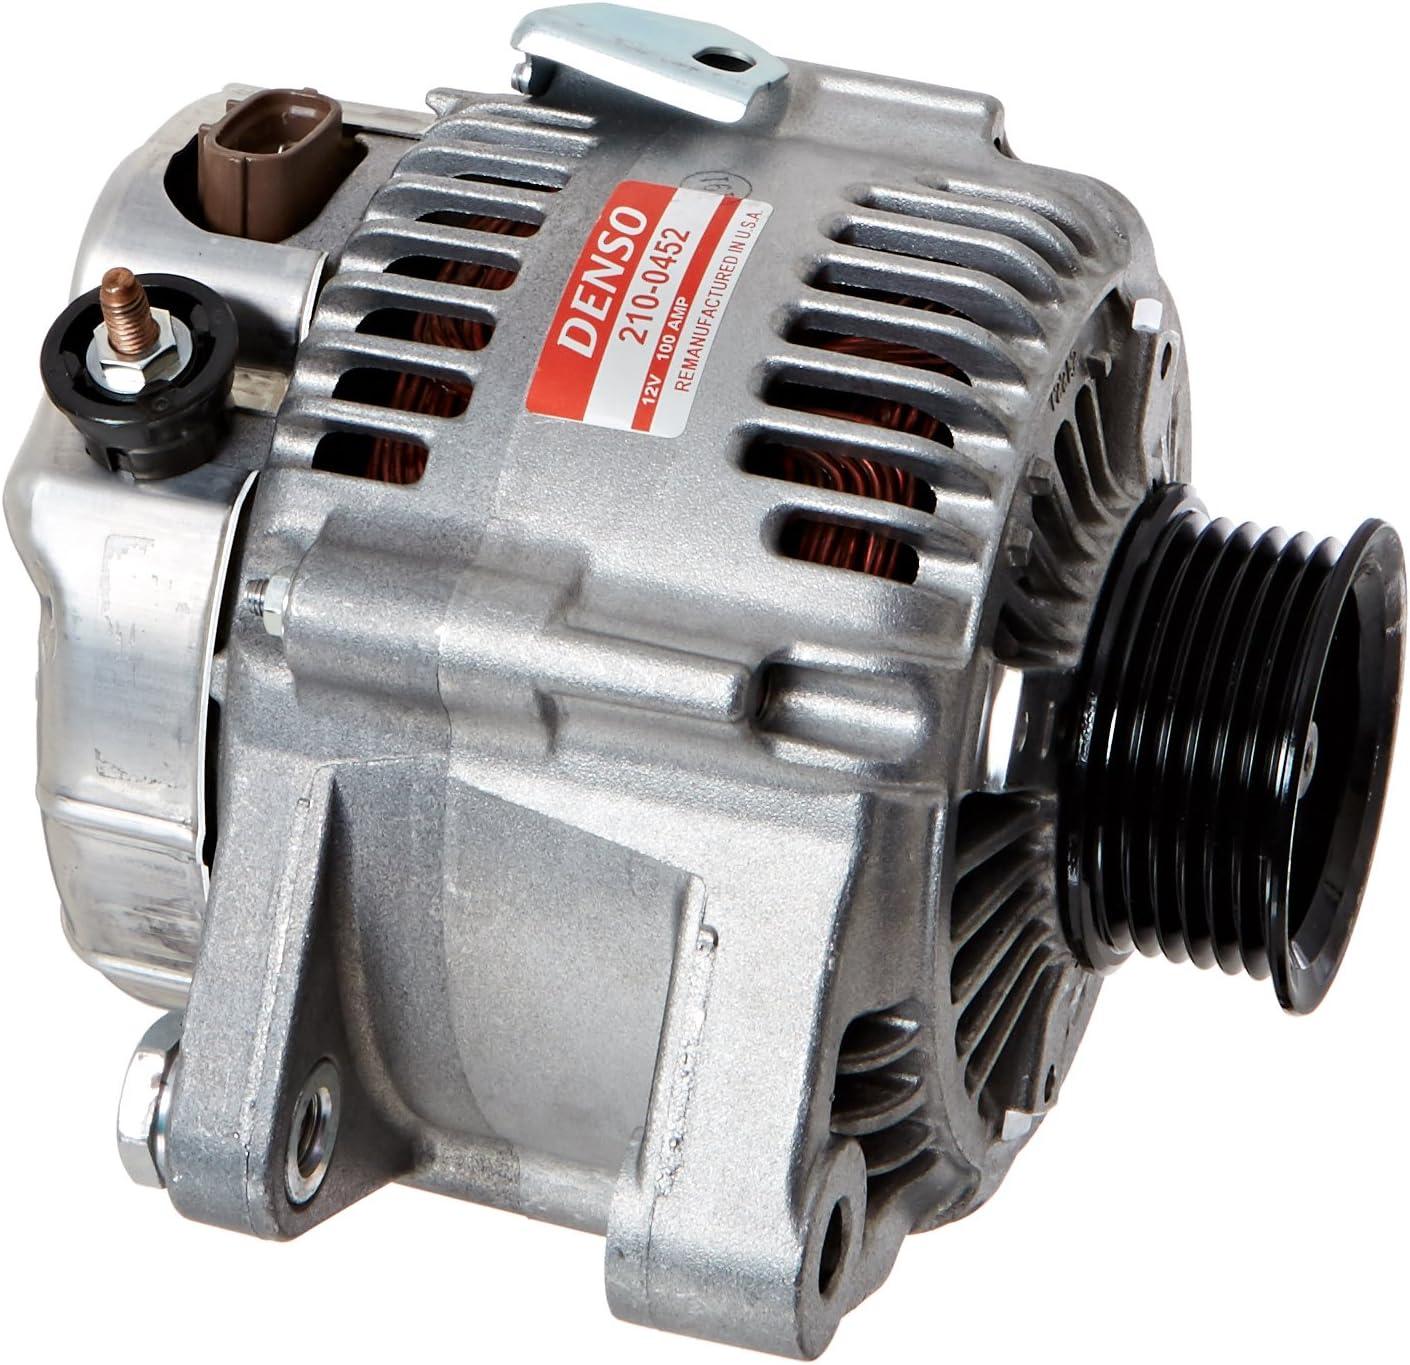 13894N 2000-2009 honda S2000 new OEM reman alternator 105 amps 102211-1770